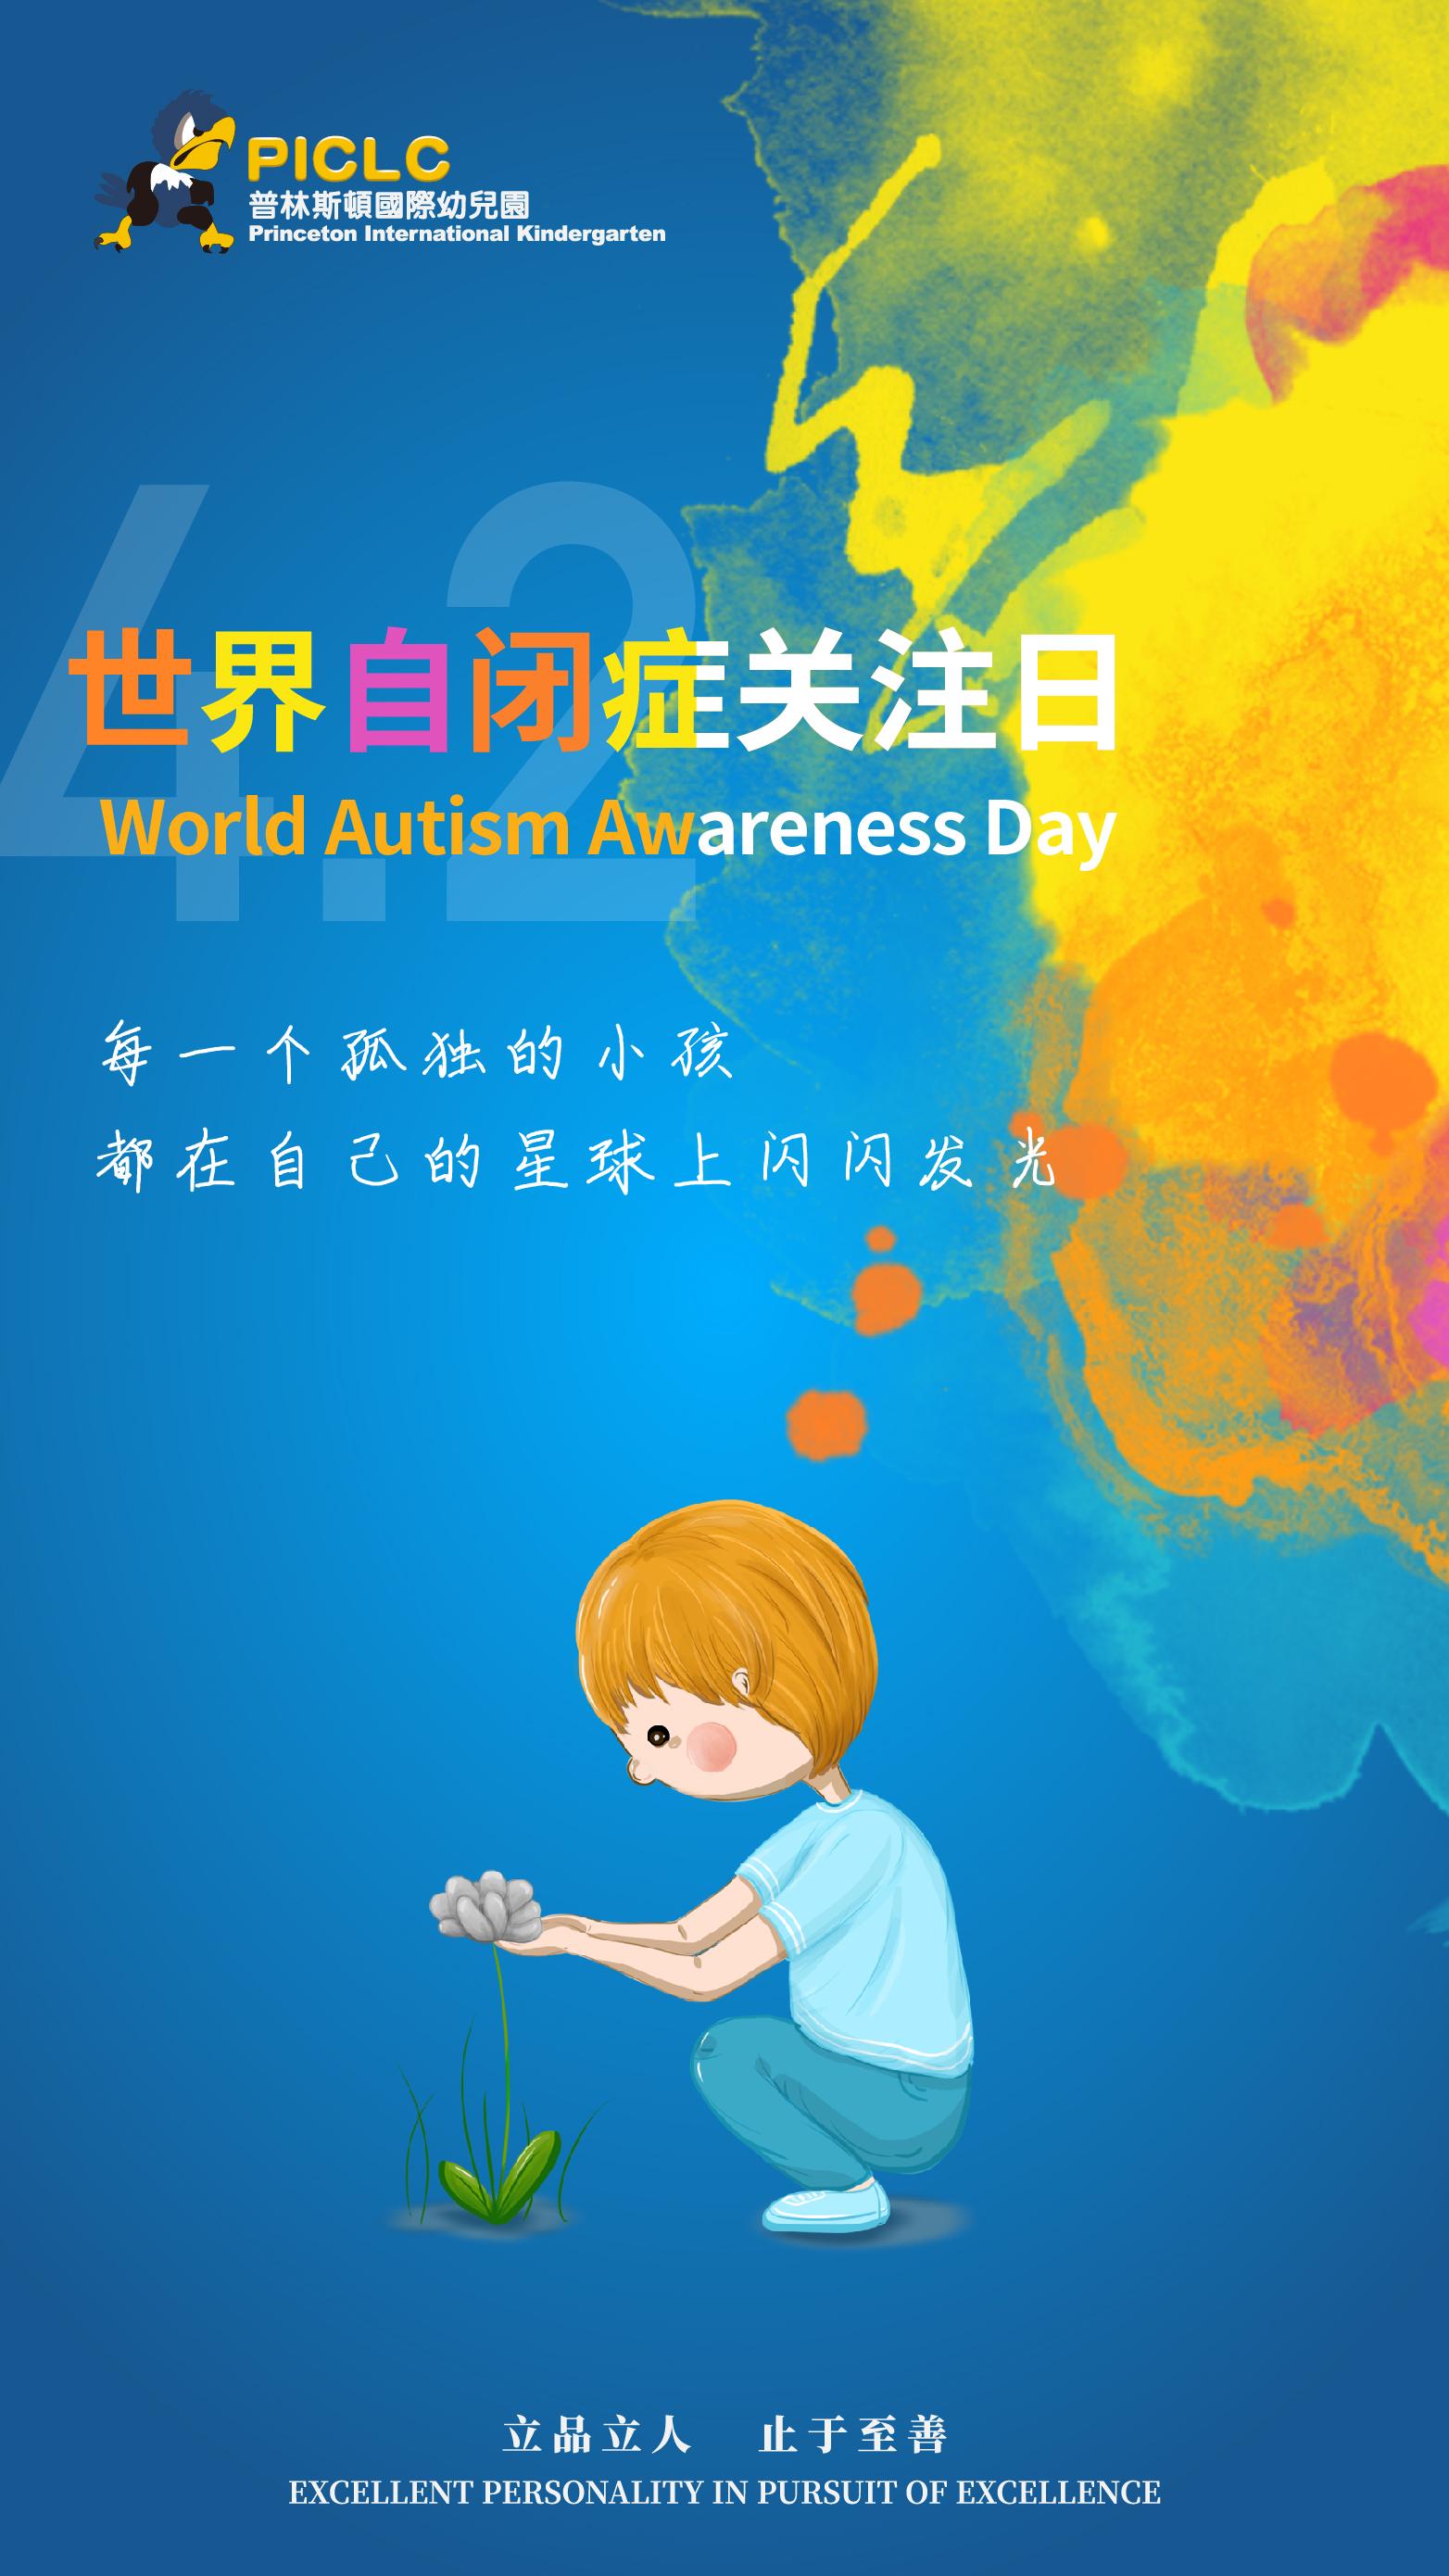 自闭症日 | 孤独的小孩,请绽放自己的光彩